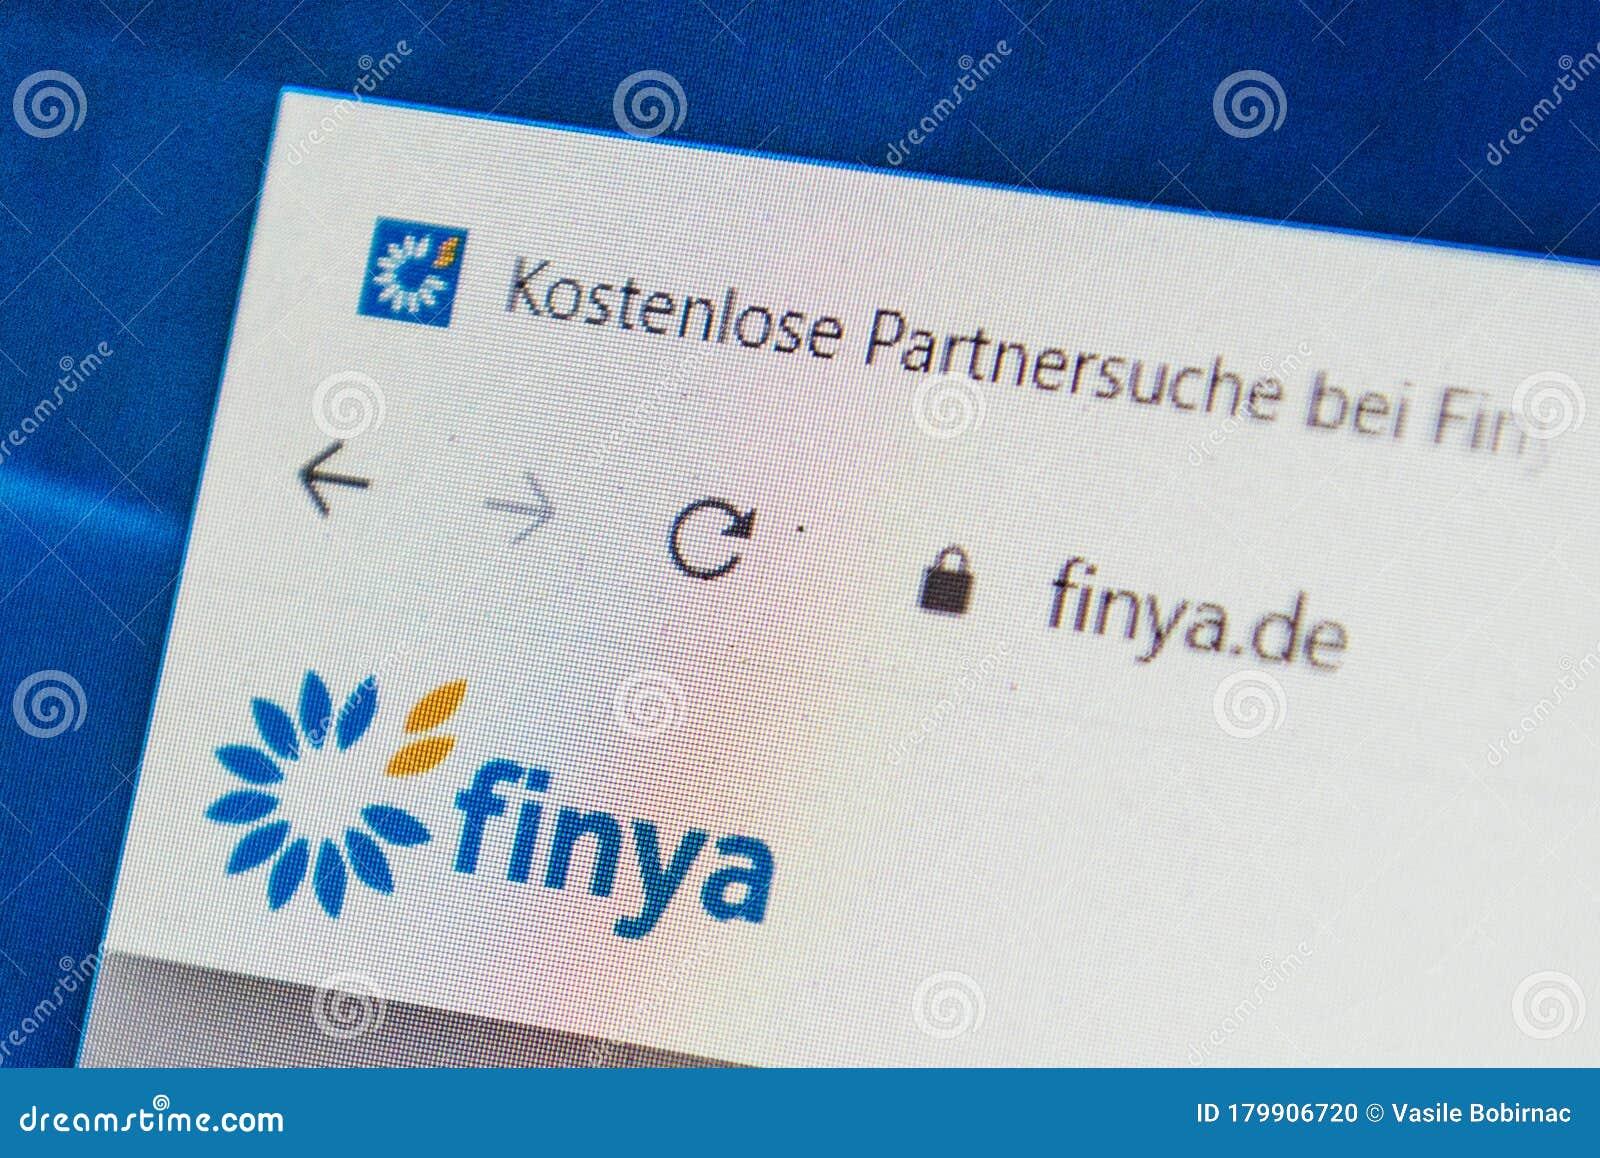 Sign up finya de www Www finya